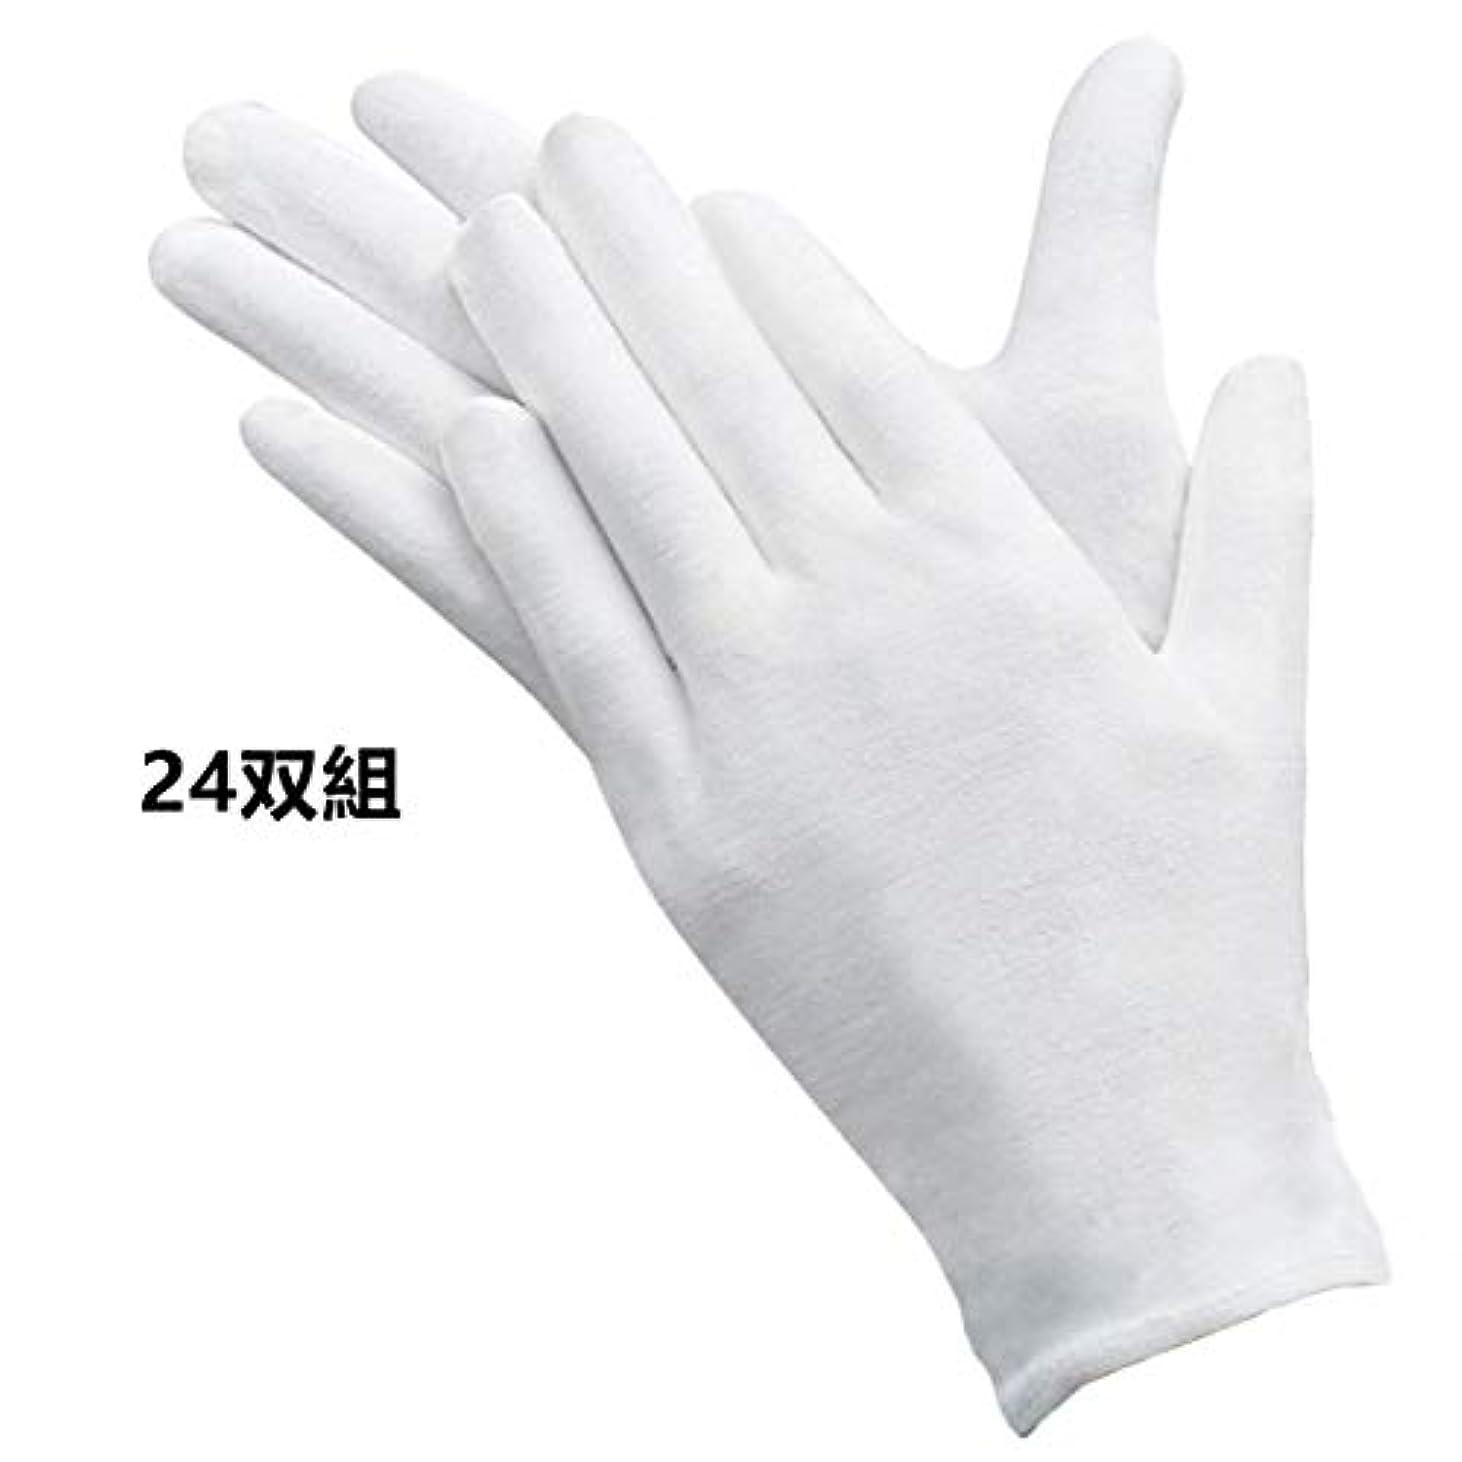 キリスト教執着危険にさらされているwinkong 綿手袋 コットン手袋 純綿100% 24双組入り ホワイト 白手袋 メンズ 手袋 レディース 手荒れ防止 おやすみ 湿疹用 乾燥肌用 保湿用 礼装用 作業用